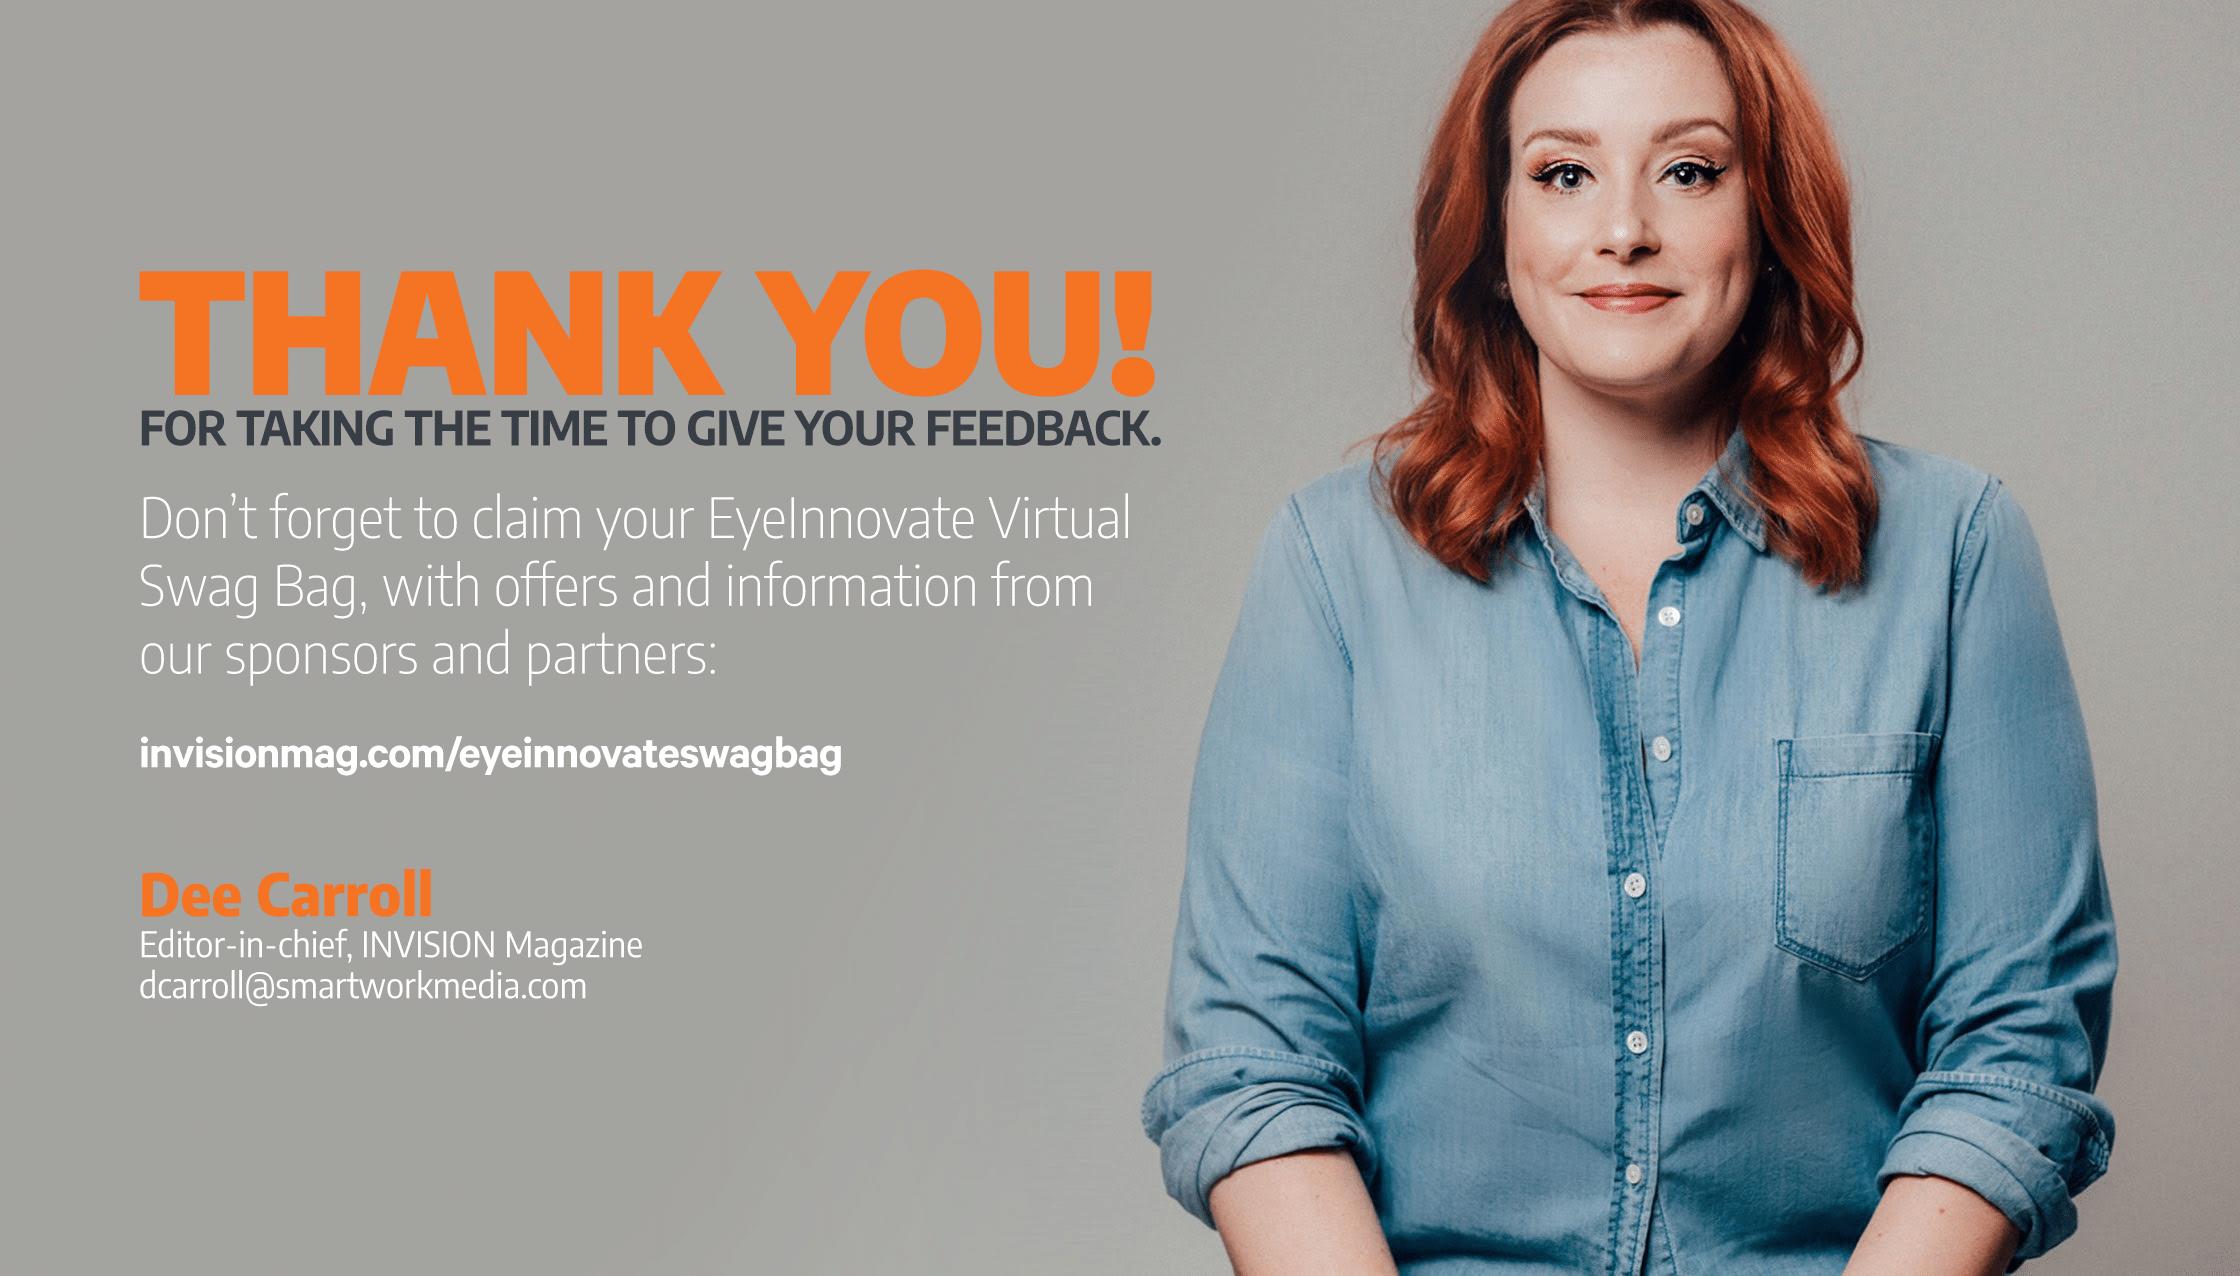 EyeInnovate Survey: Thank You